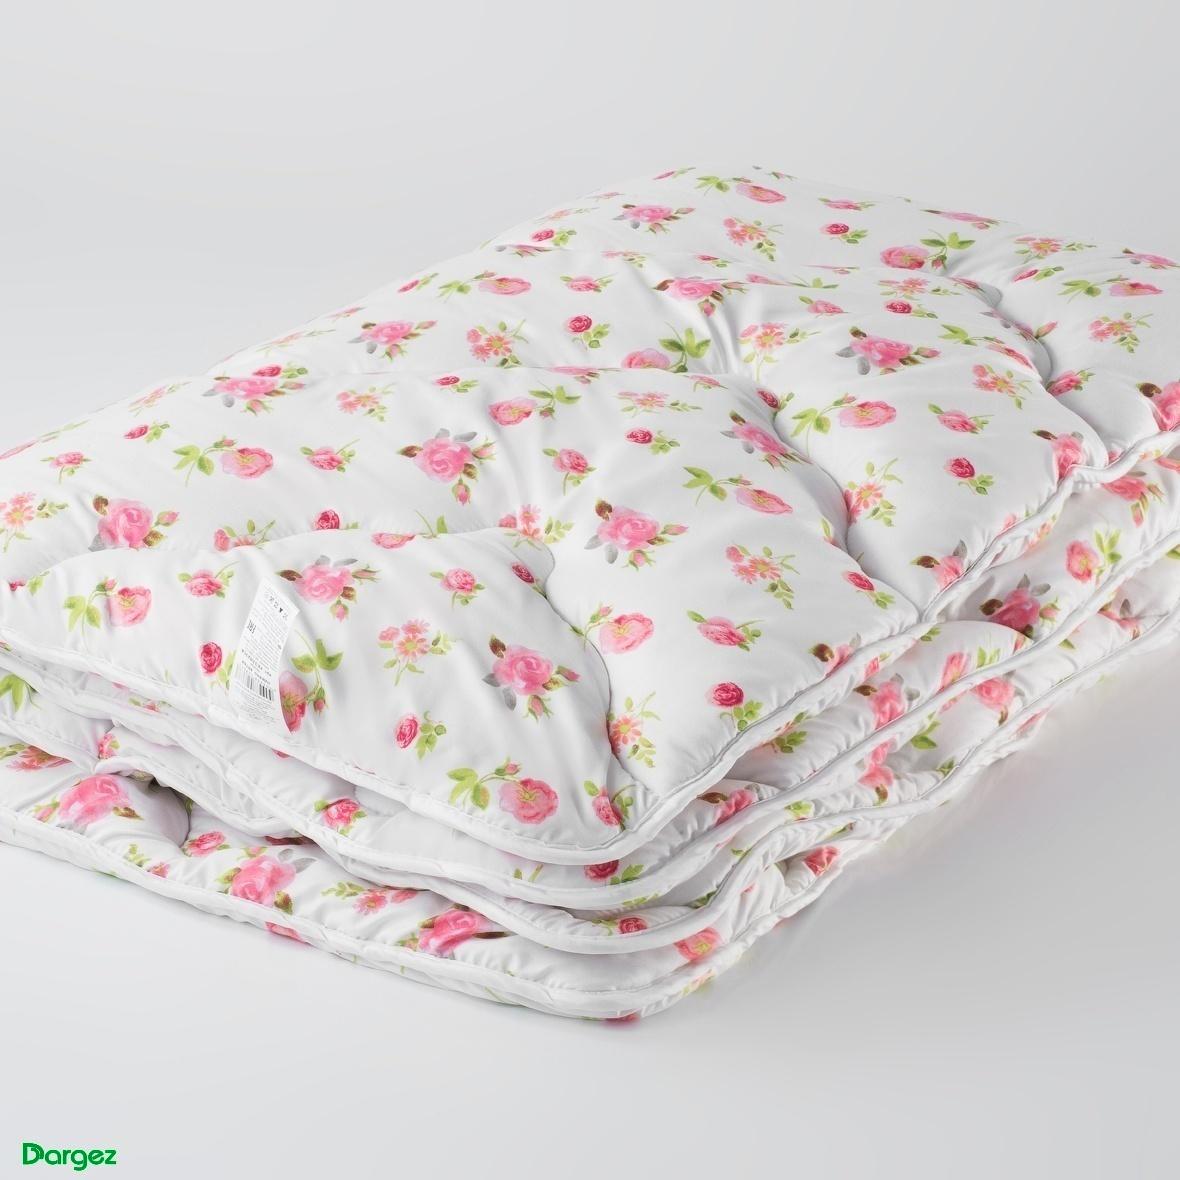 b6a52c3ec420 Купить одеяло от производителя в интернет-магазине в Москве